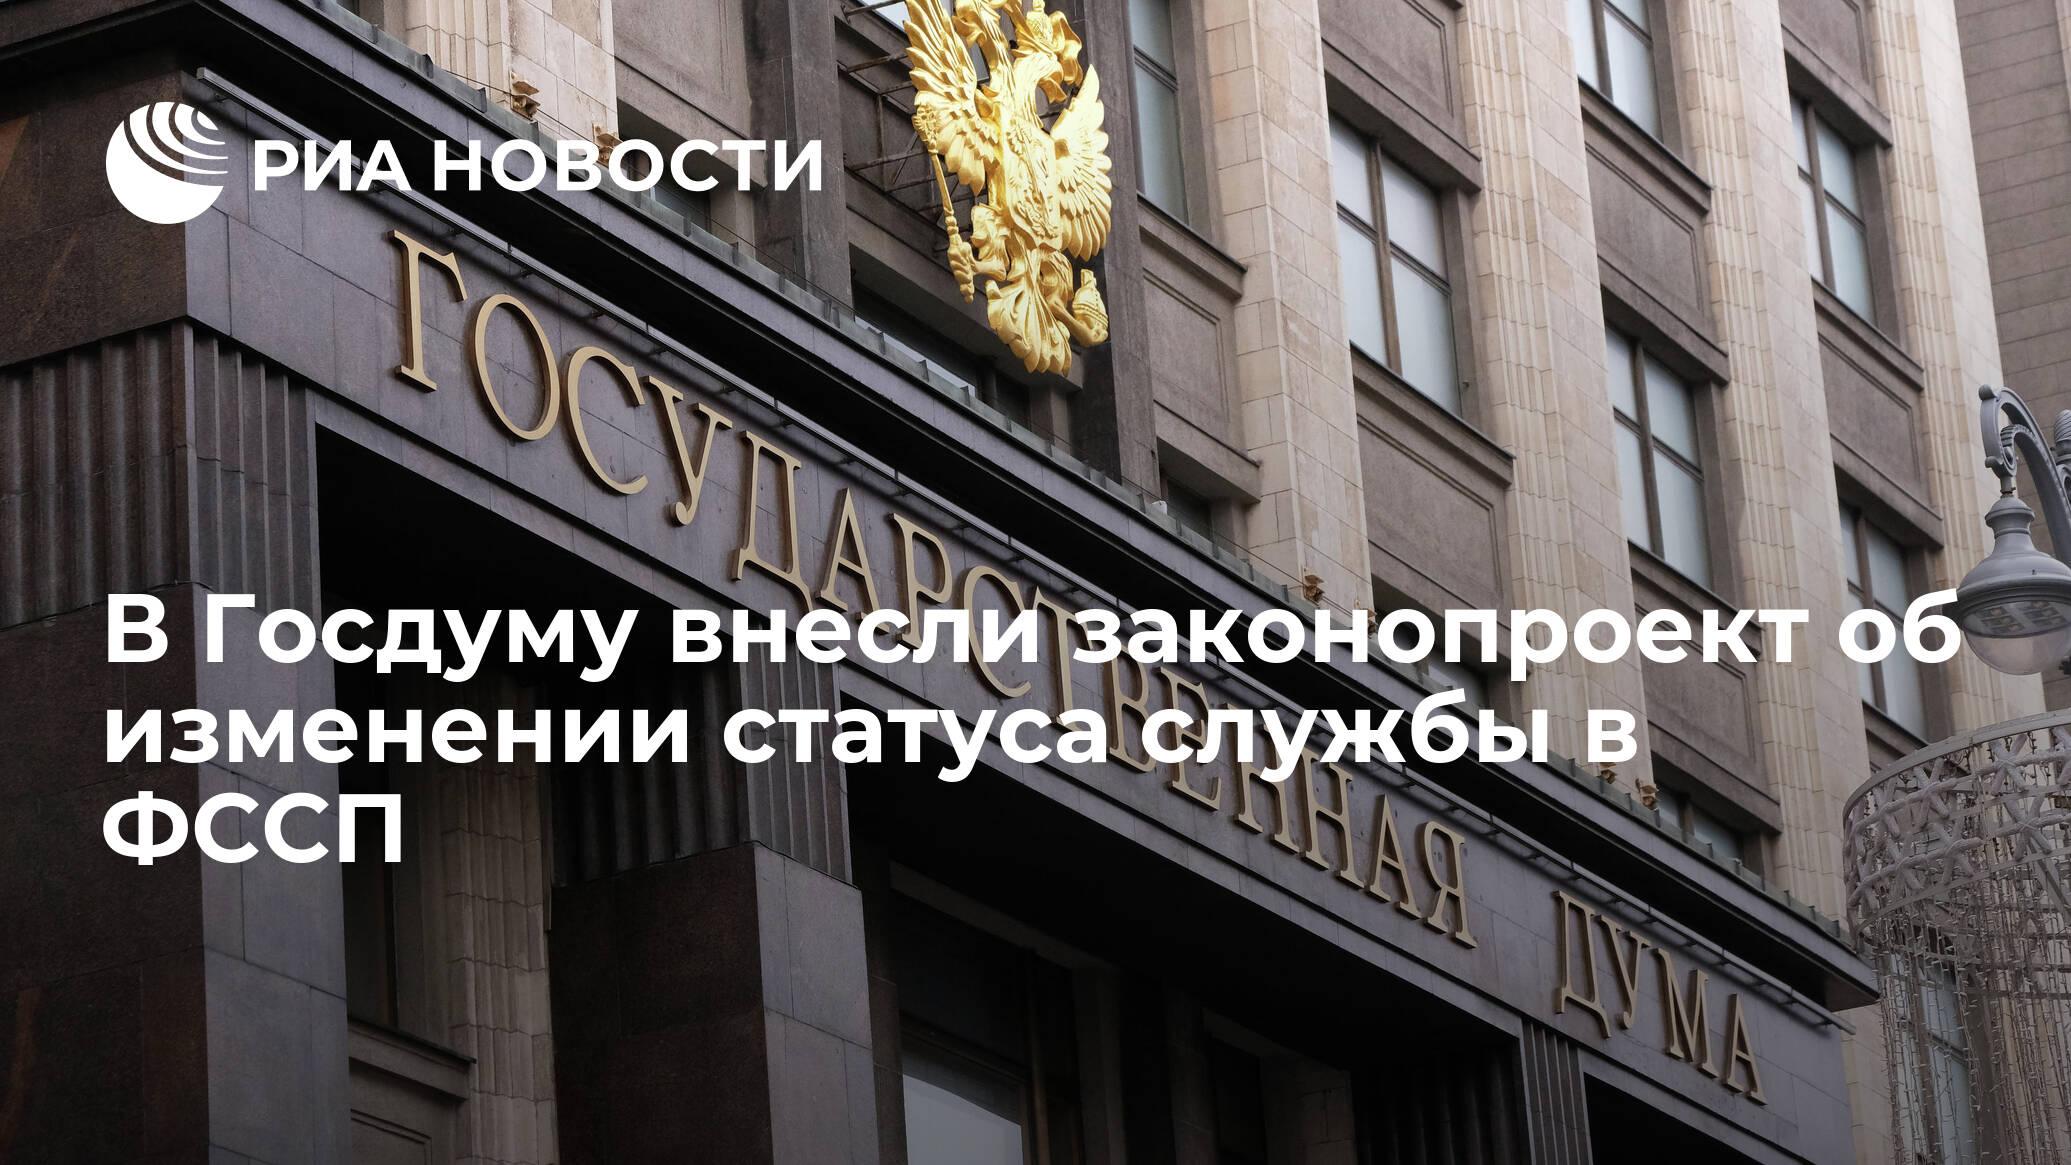 законопроект о службе судебных приставов